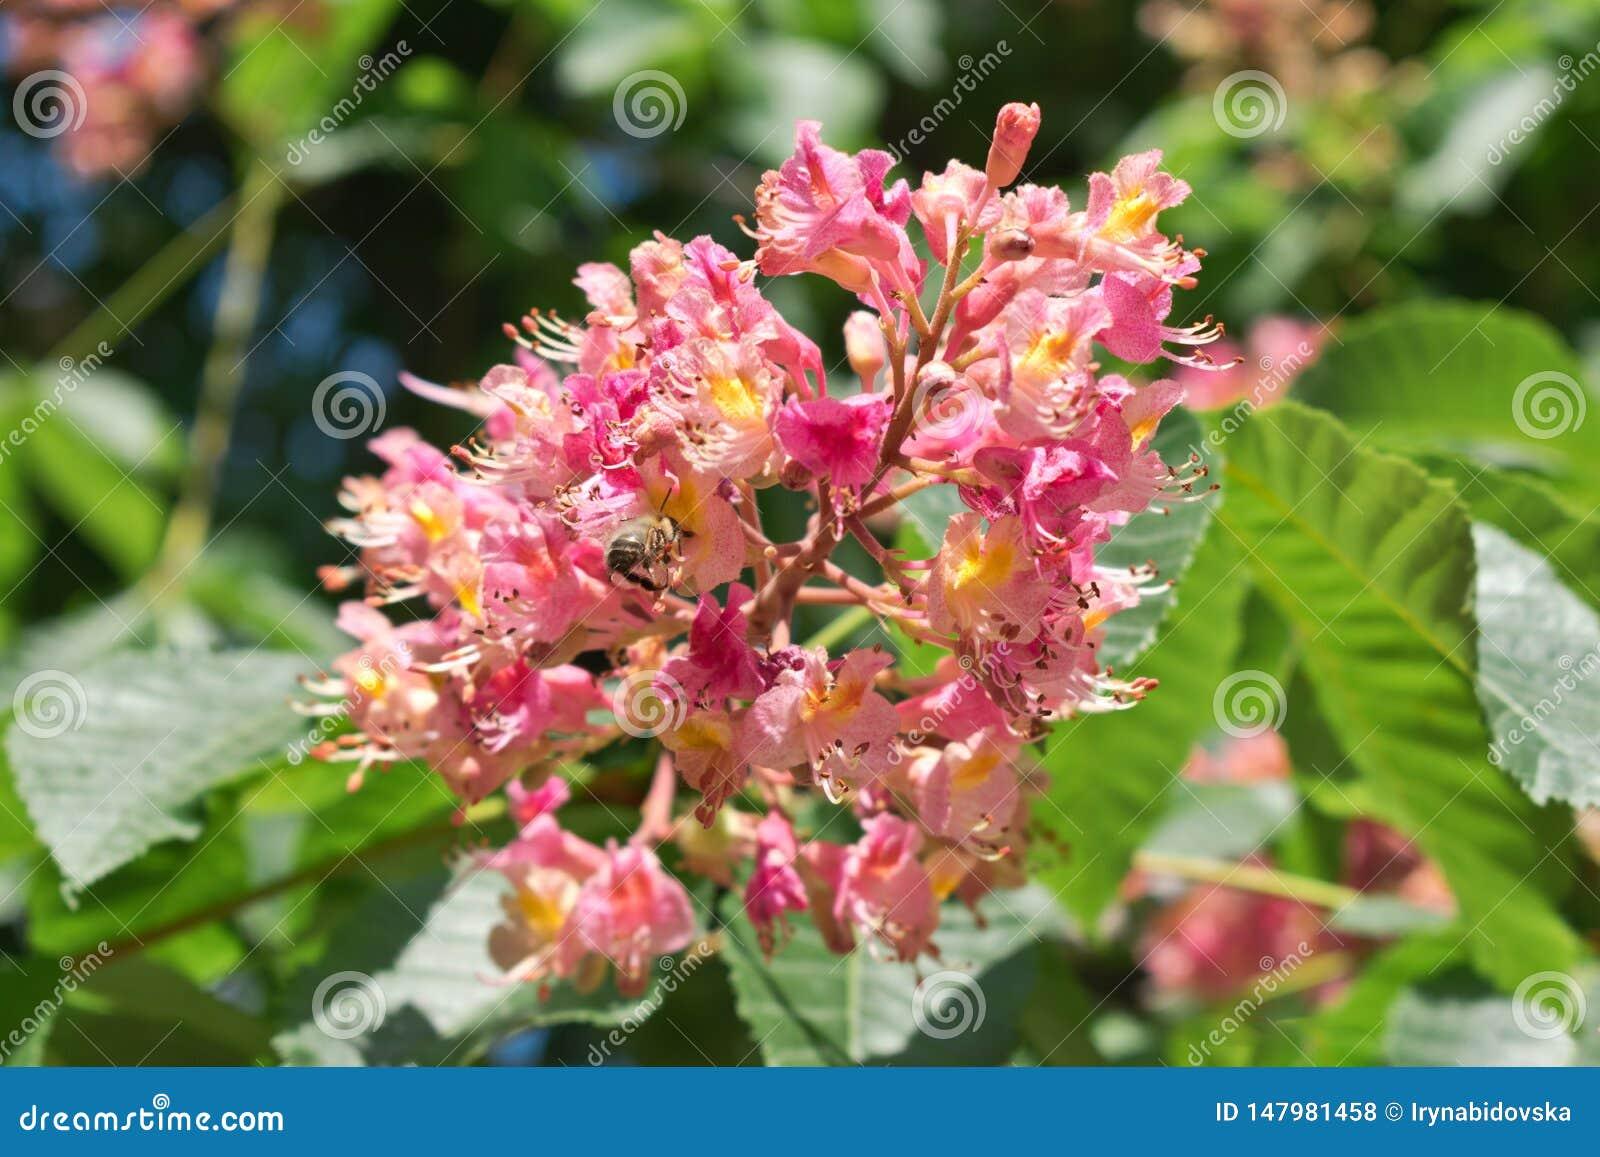 Rosa blommor för hästkastanj på en bakgrund av gröna sidor